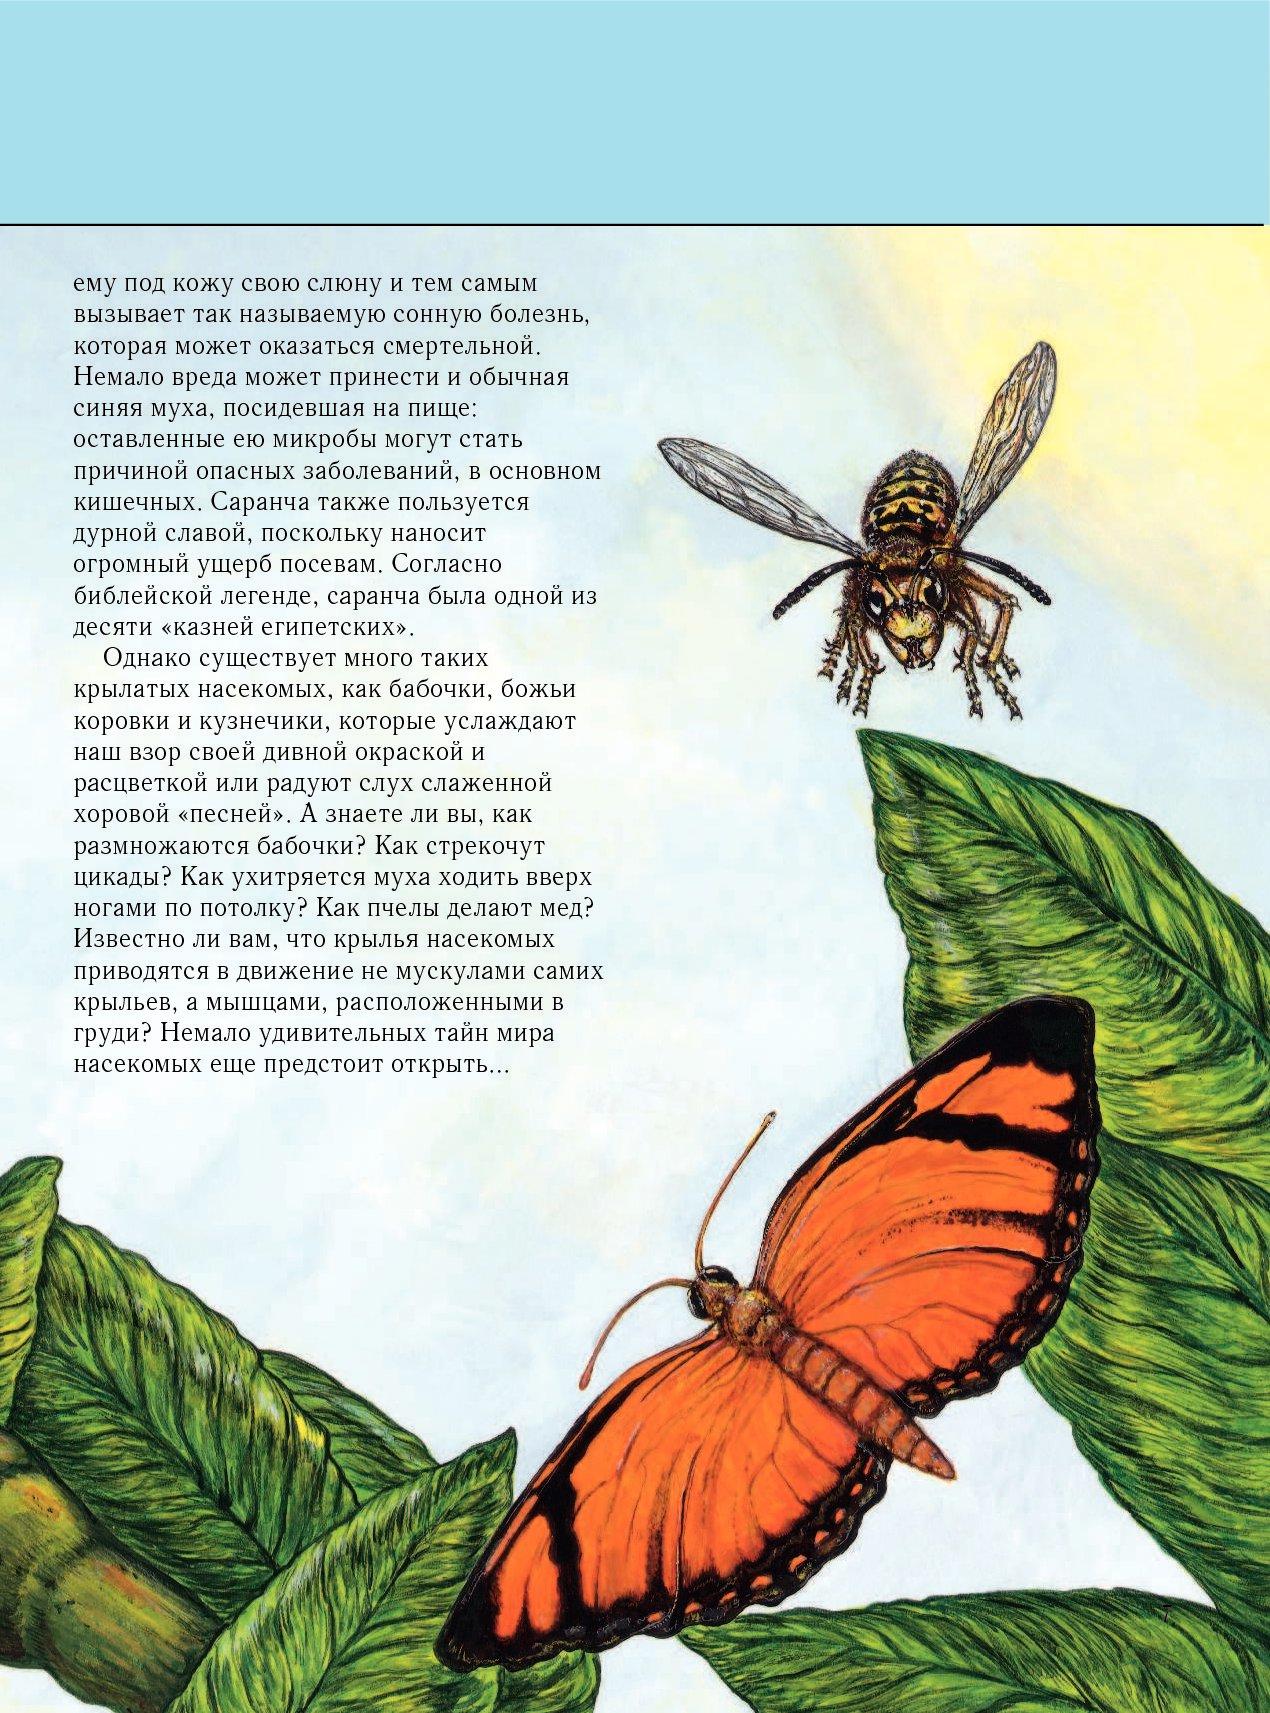 Стихи про насекомых для детей